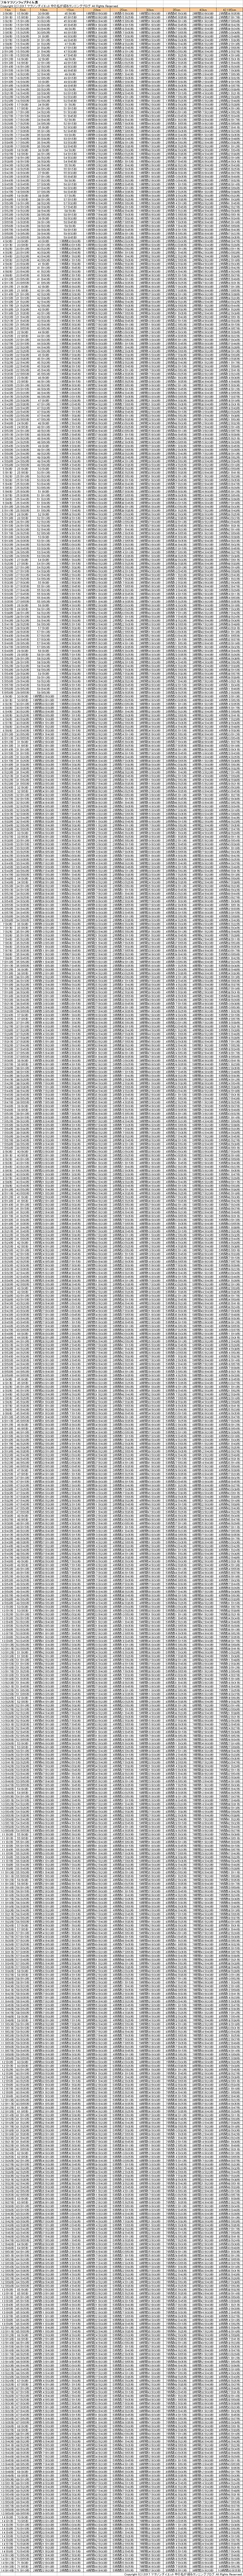 フルマラソン ラップタイム・スプリットタイム ペース表